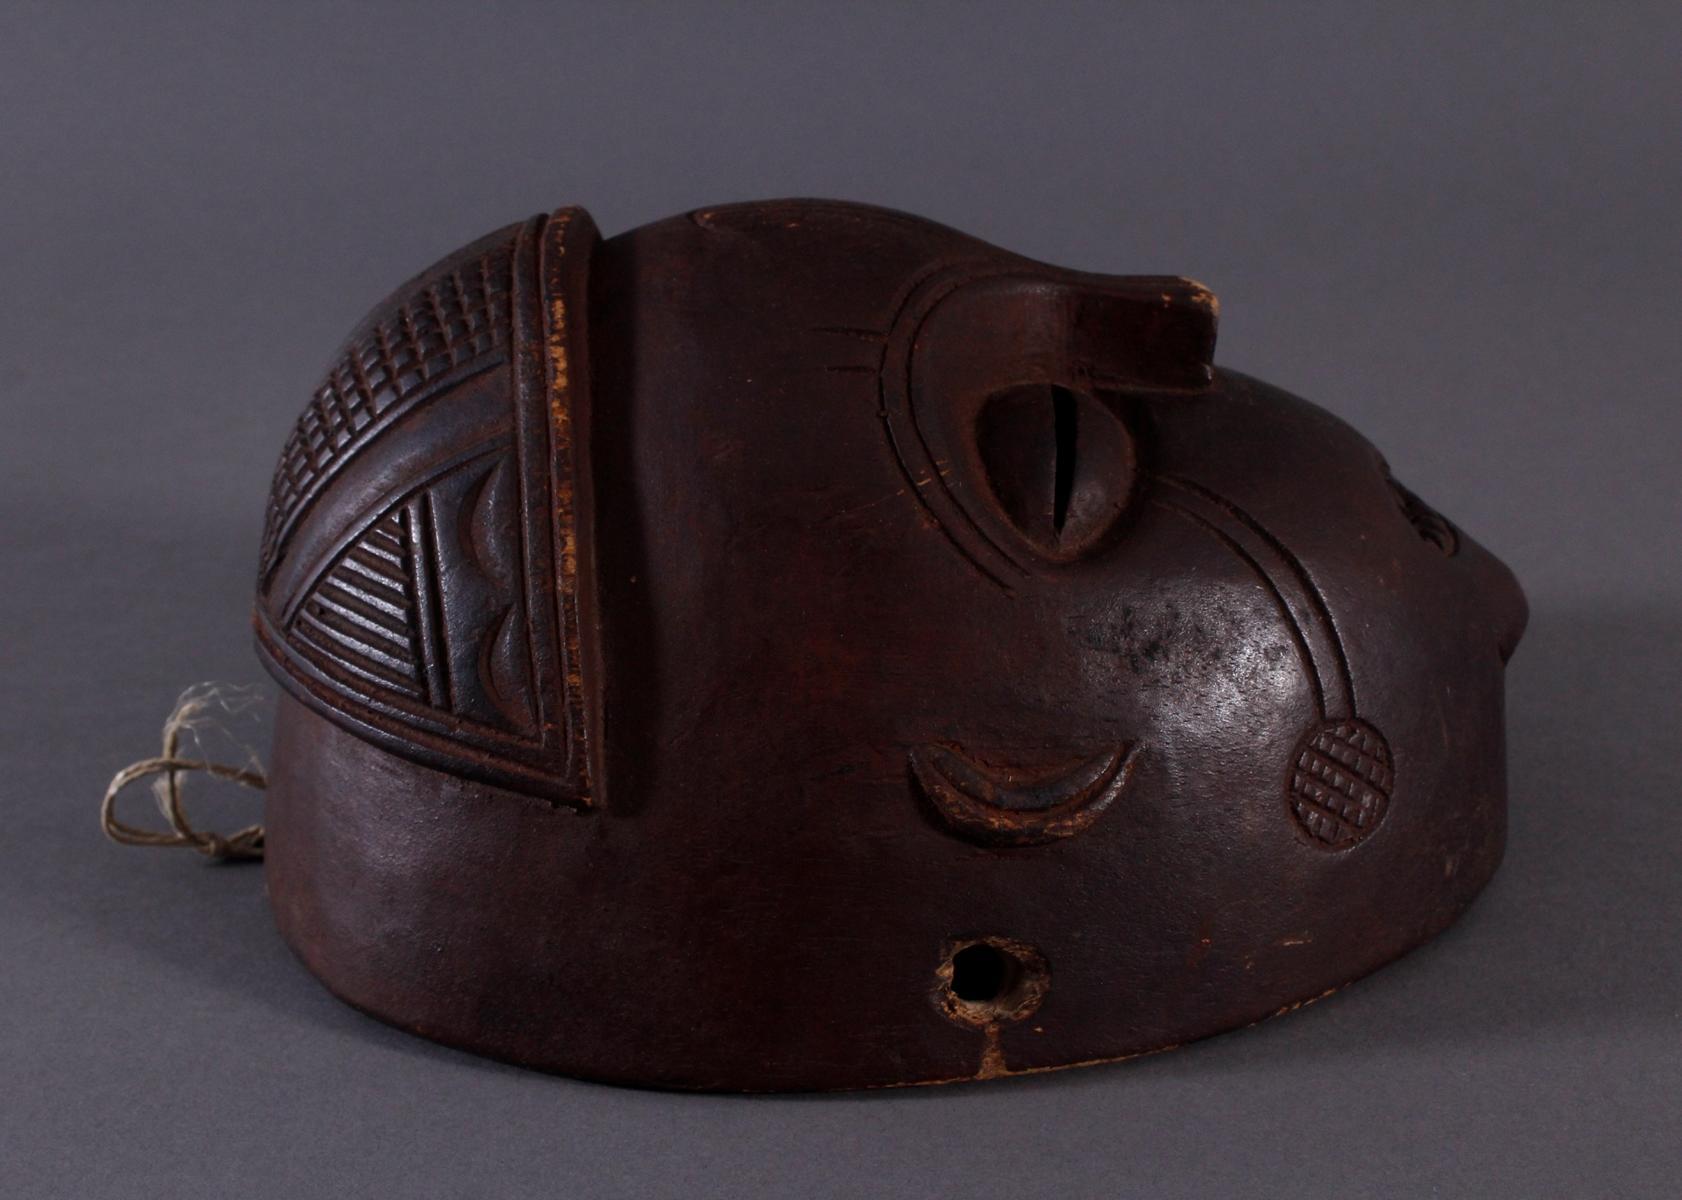 Antike Maske, Mbunda, Sambia 1. Hälfte 20. Jh.Holz geschnitzt, braune Patina, ovale Form, - Bild 2 aus 6